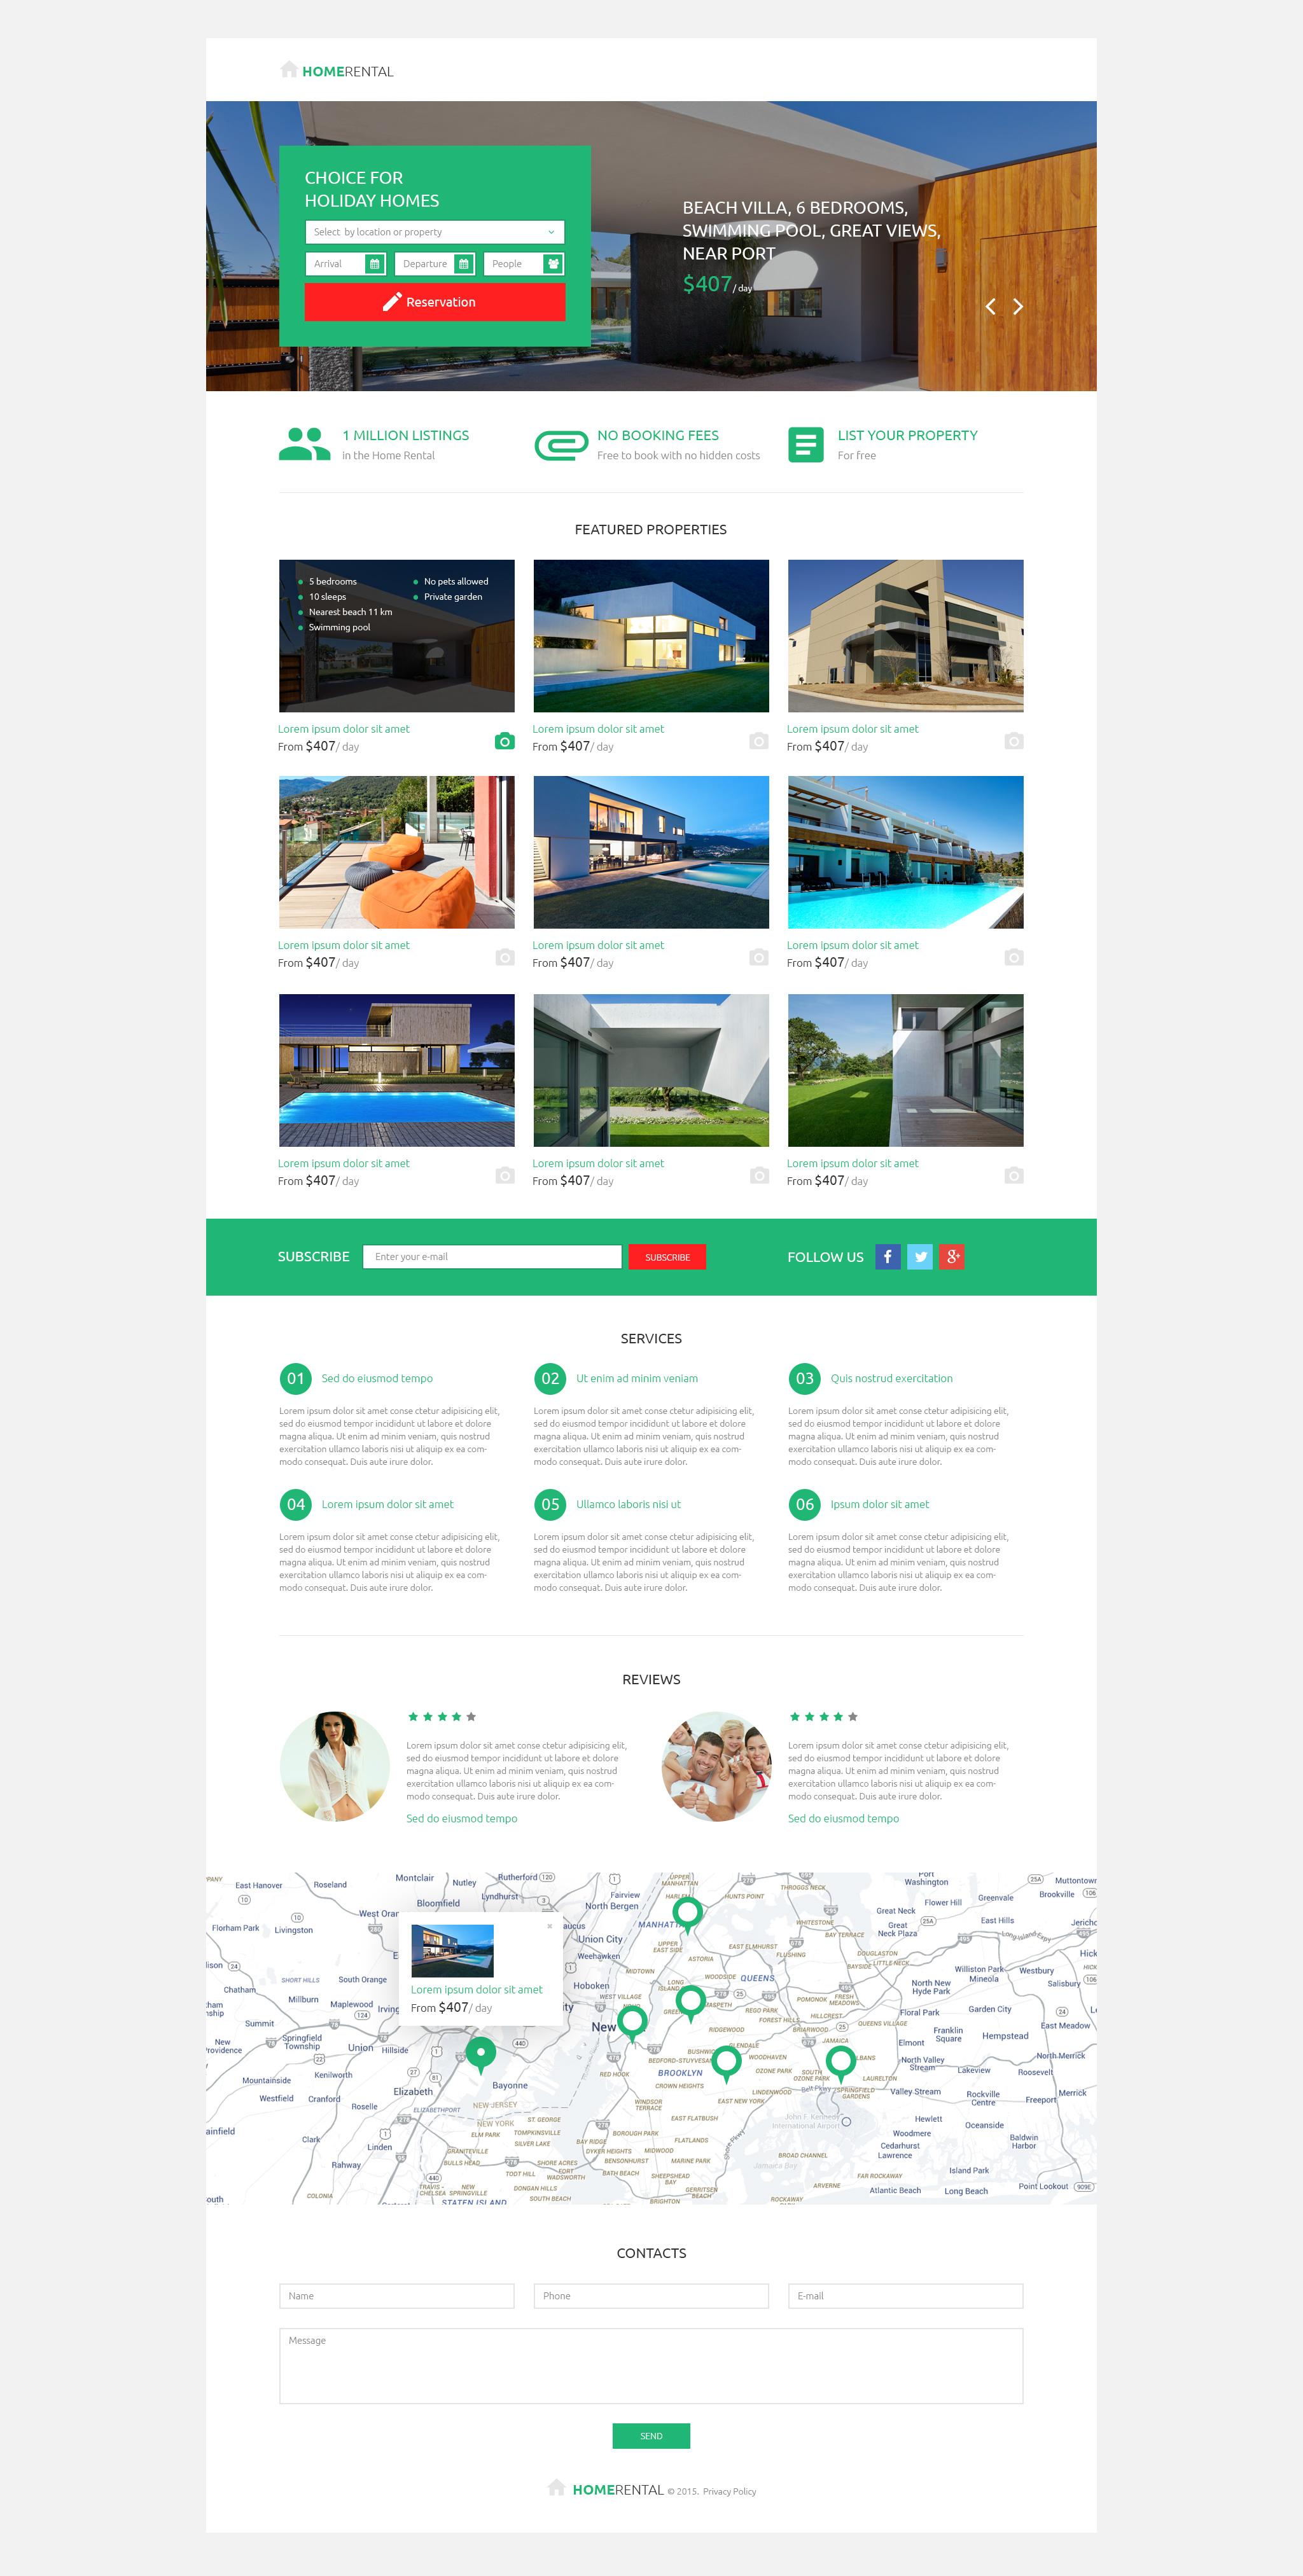 Modello di Landing Page Responsive #53201 per Un Sito di Agenzia Immobiliare